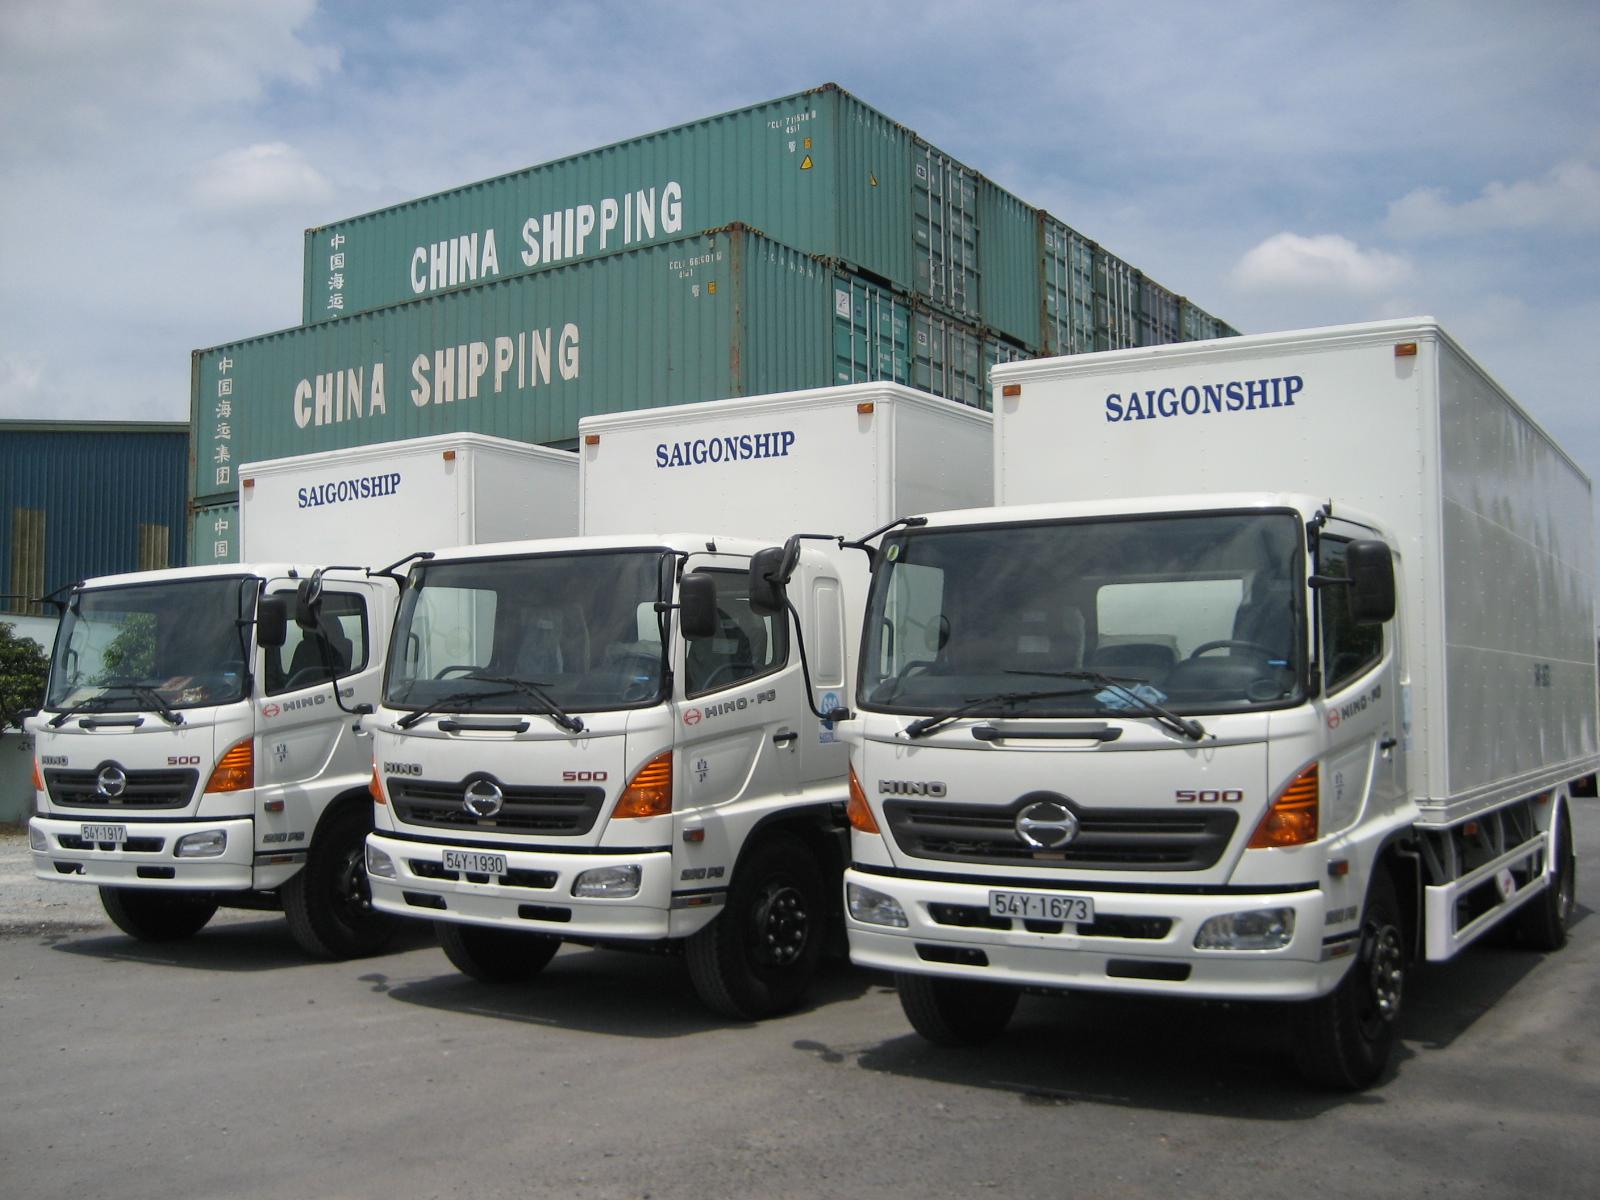 Từ ngày 1/10, ô tô vận tải niêm yết tên, đơn vị kinh doanh